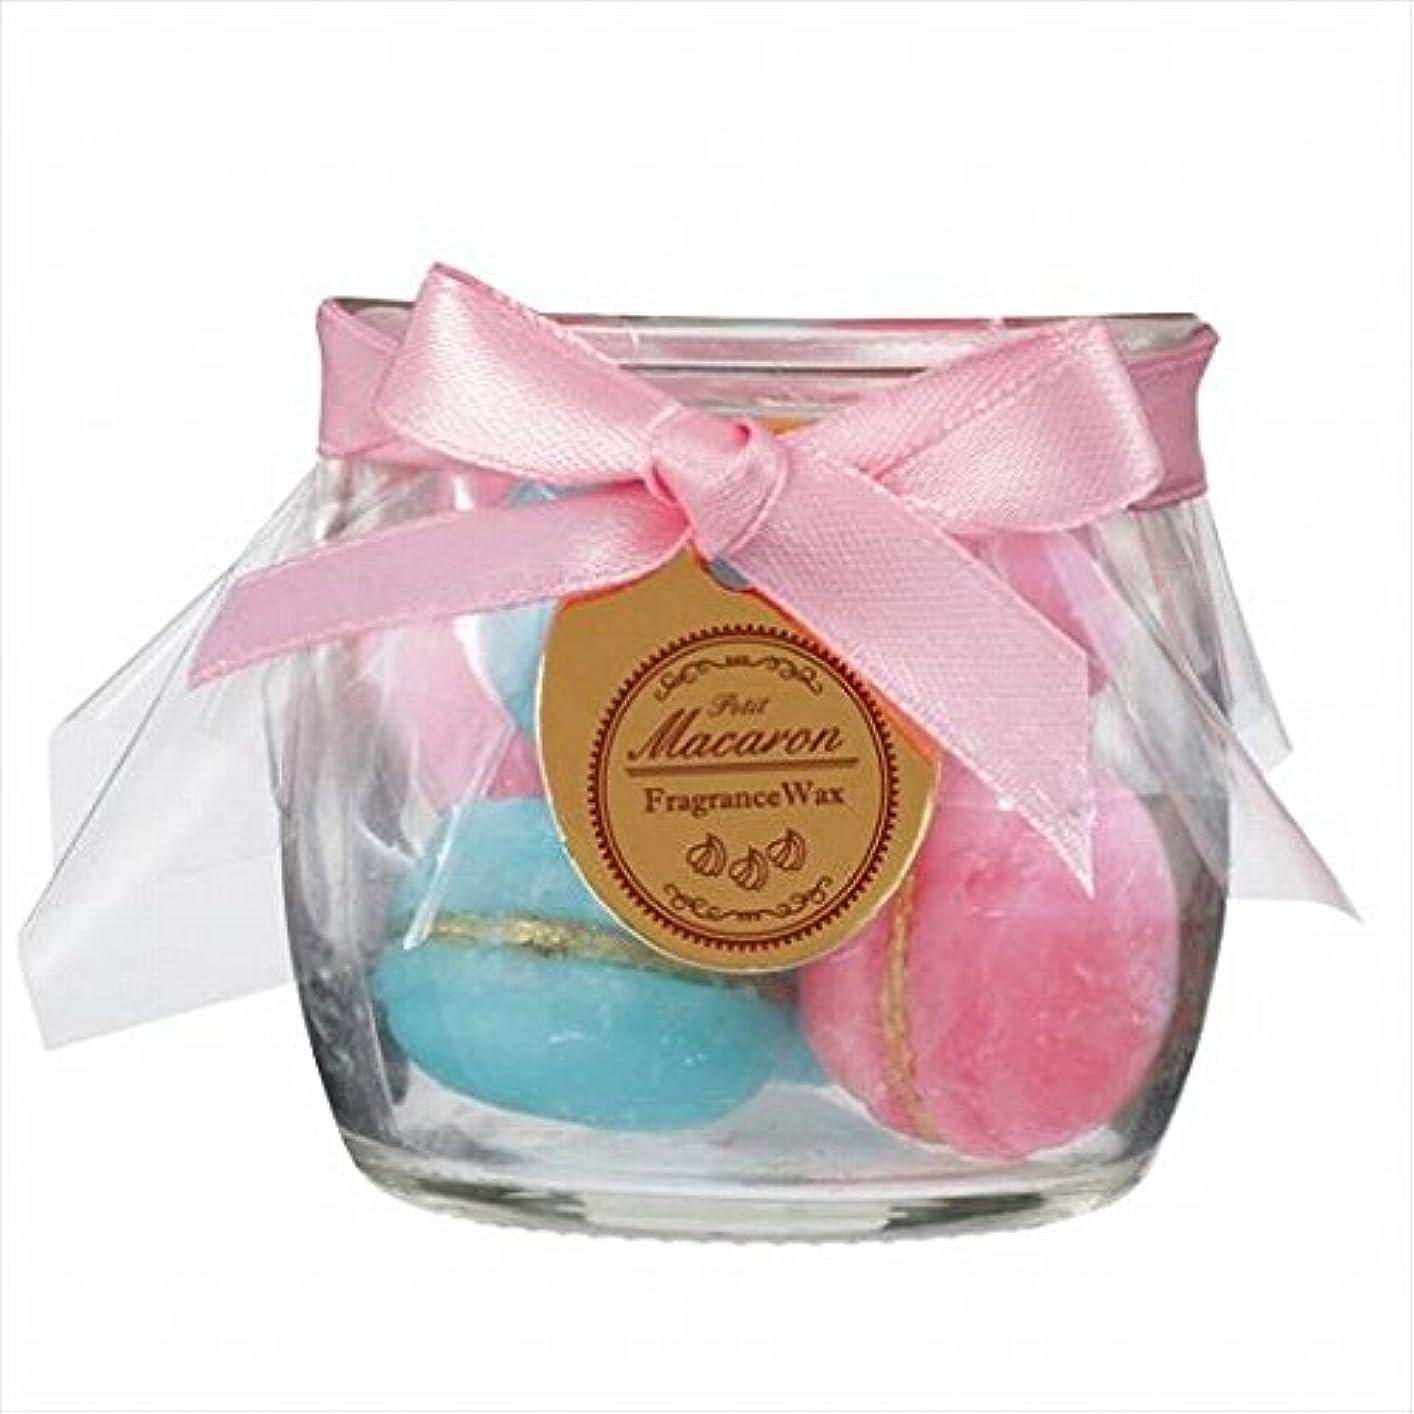 力学治療ブレンドスイーツキャンドル( sweets candle ) プチマカロンフレグランス 「 ピーチ 」 キャンドル